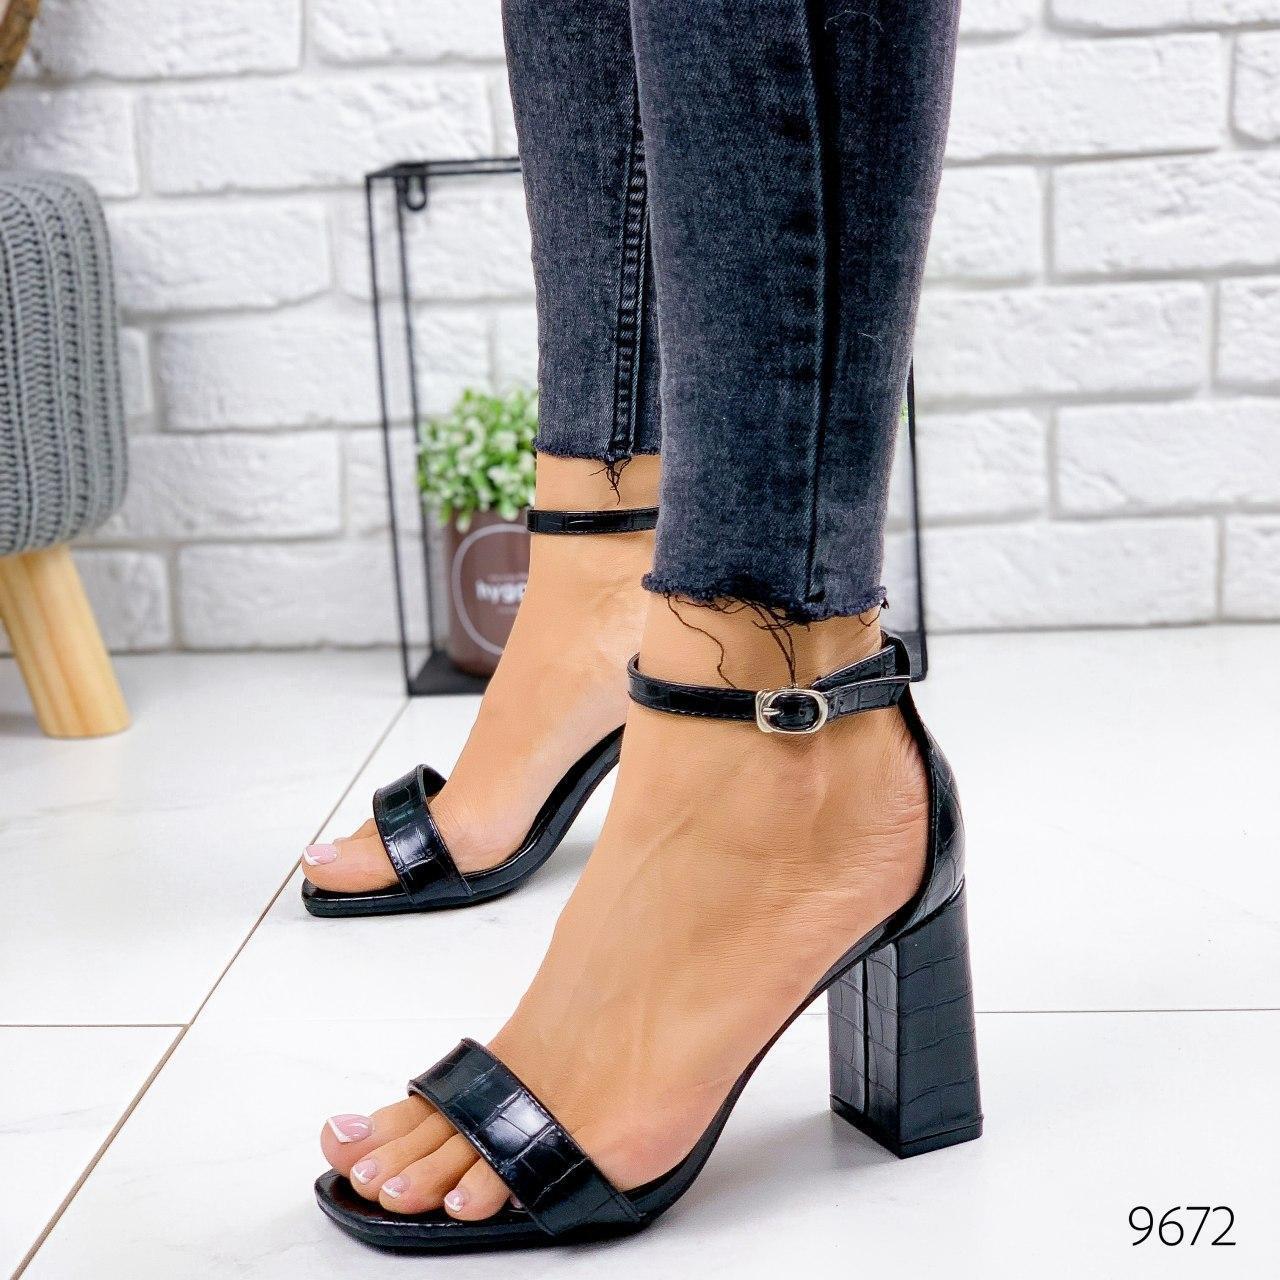 Летние босоножки женские на каблуке, черного цвета из эко кожи. Босоніжки жіночі